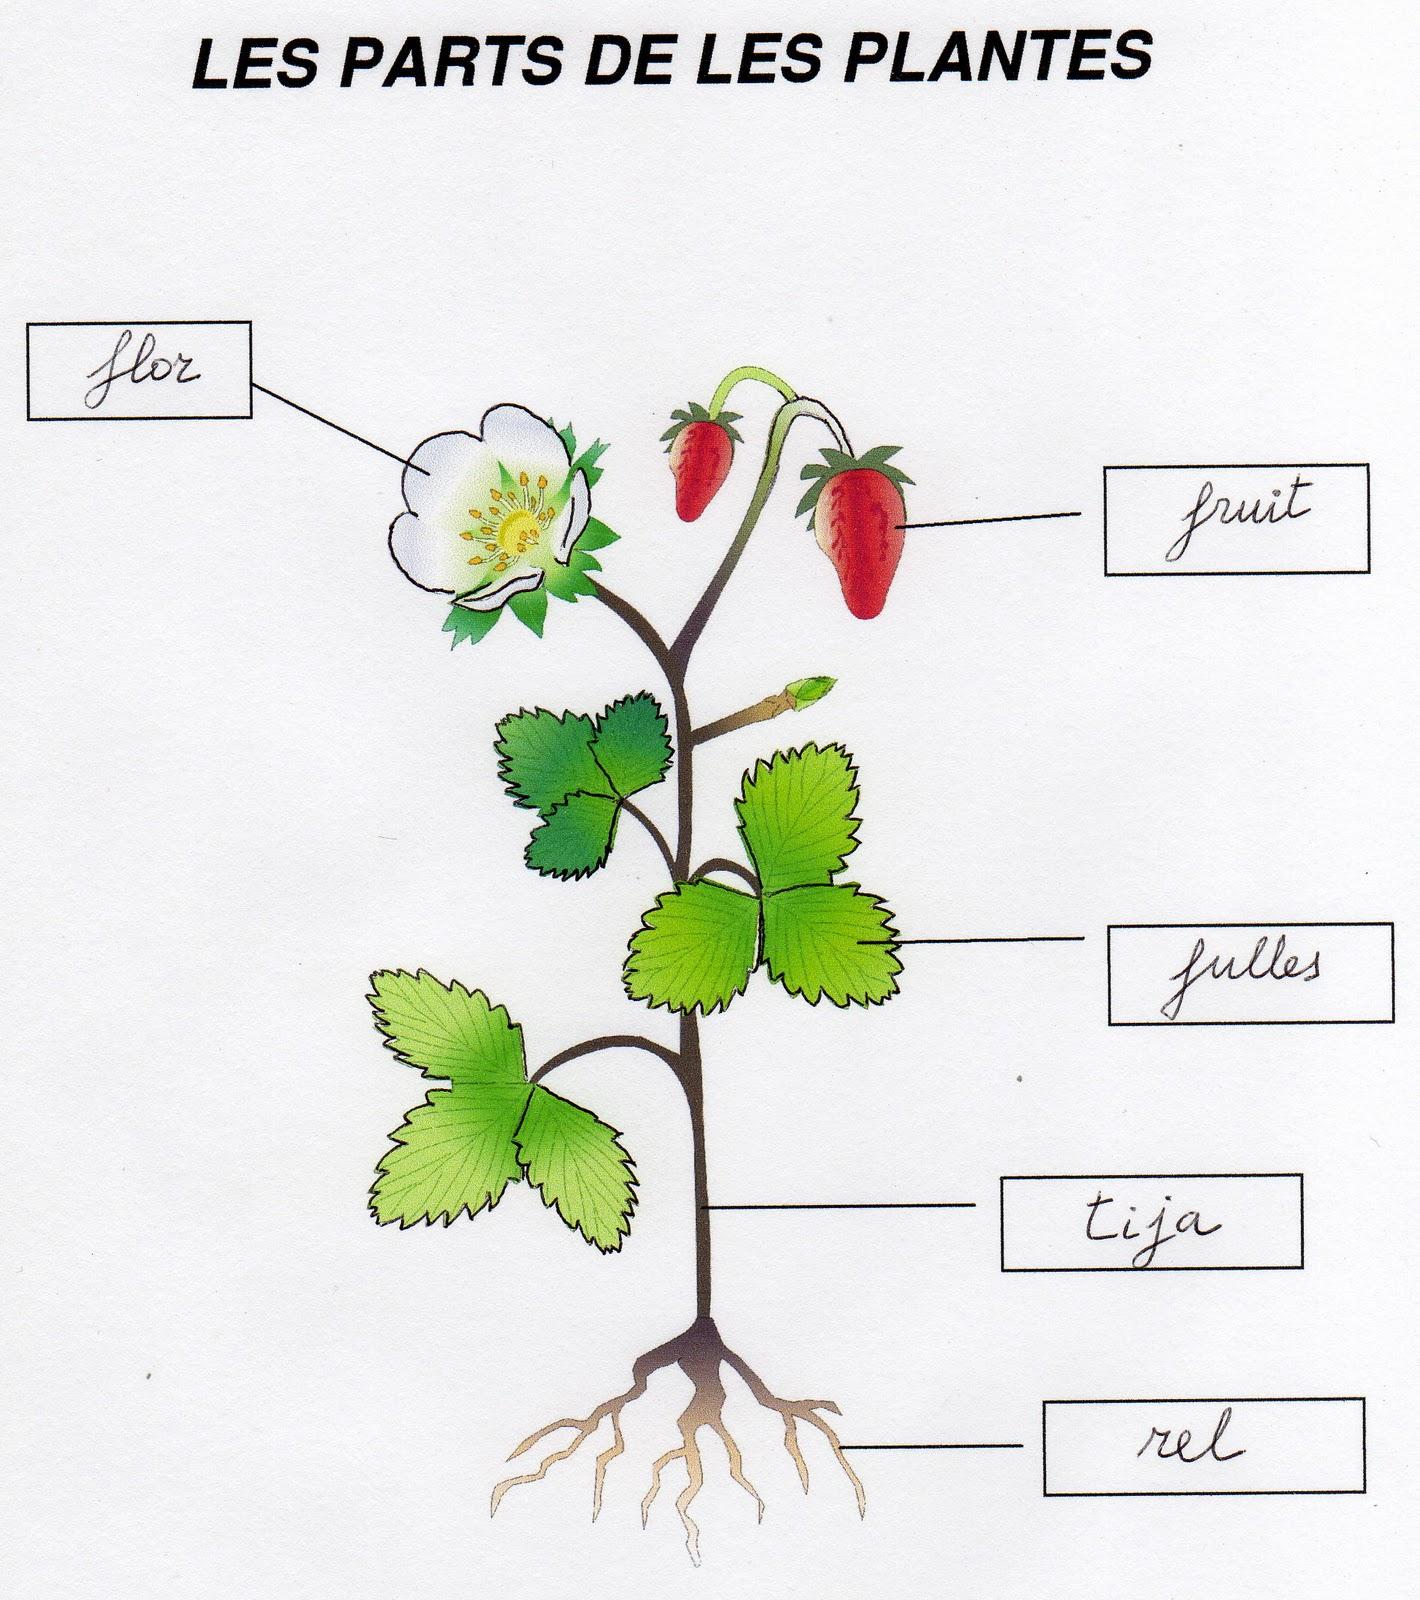 Hi ha trenques ferm tema 11 5 les plantes for Les plantes